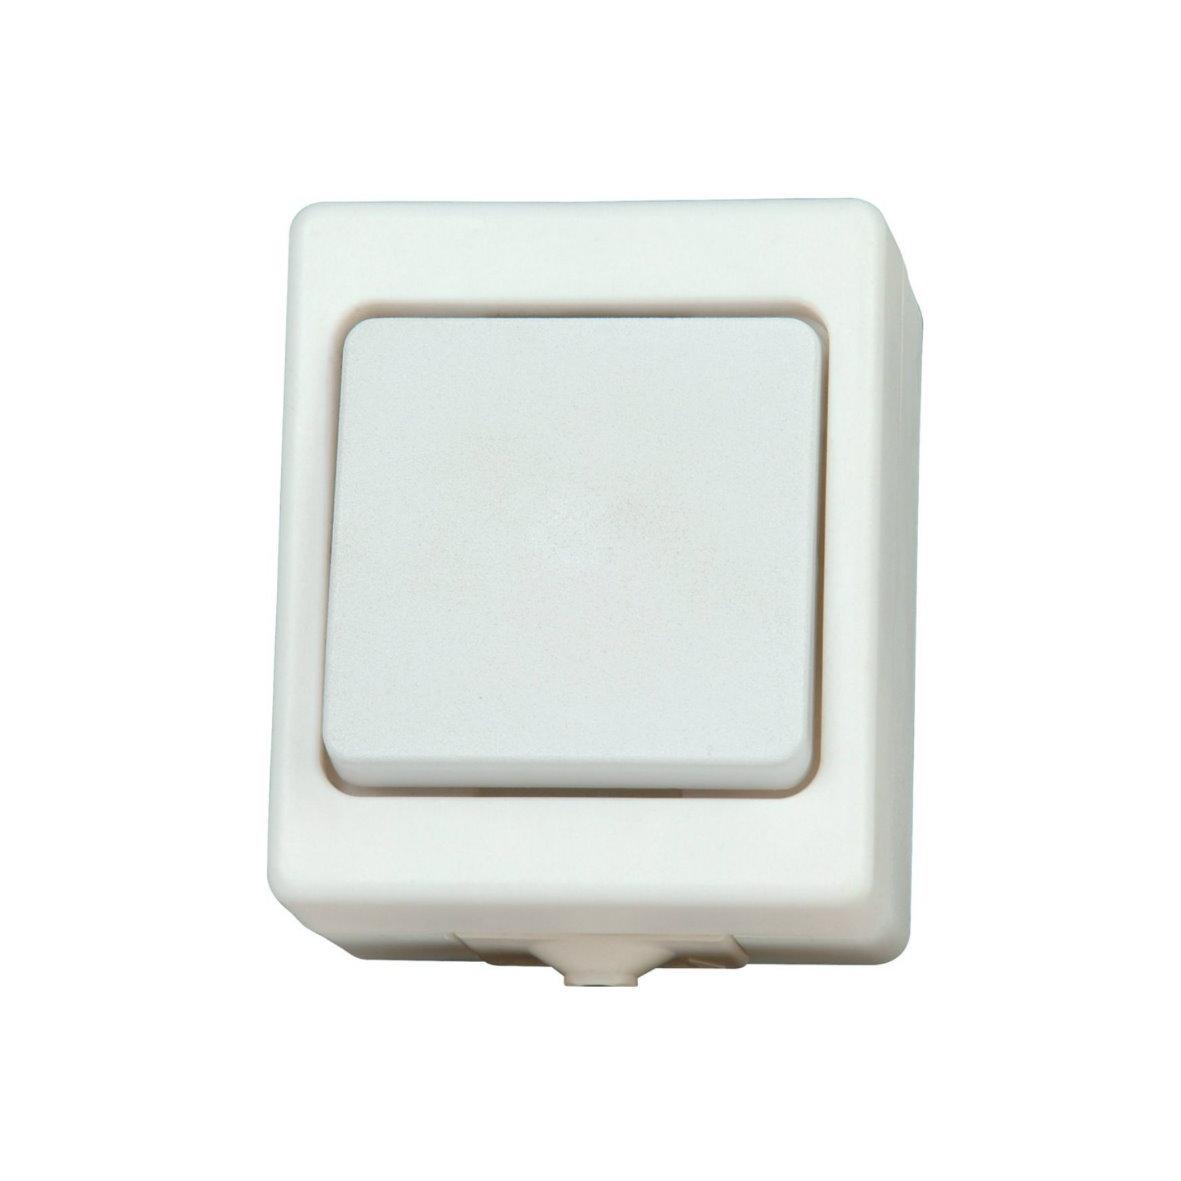 kopp ip44 aufputz feuchtraum schalter programm serie. Black Bedroom Furniture Sets. Home Design Ideas